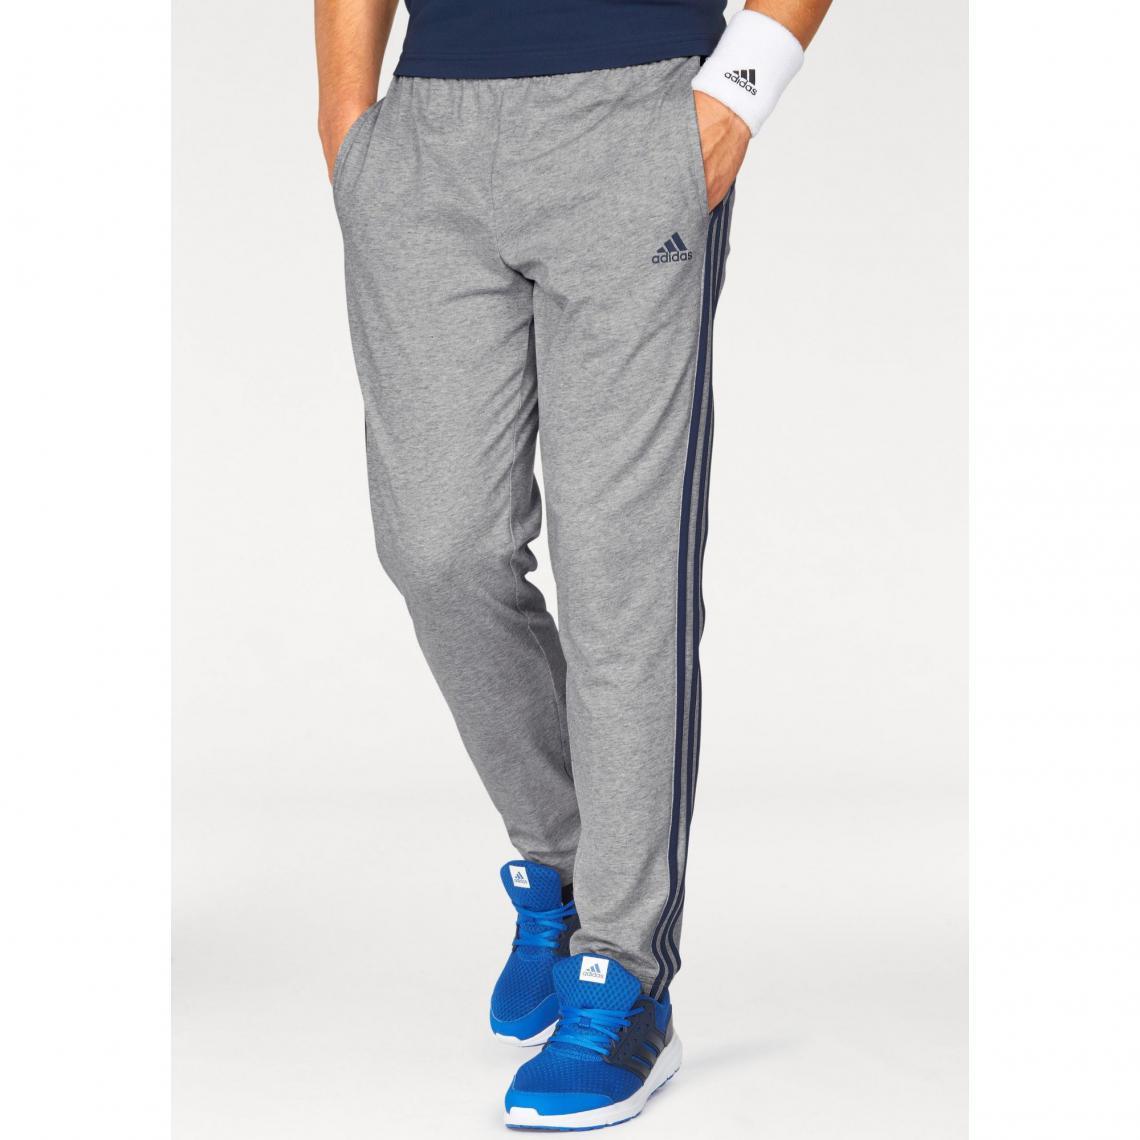 11472c56b62c3 Pantalon de survêtement molleton homme adidas Originals - gris chiné Adidas  Performance Homme